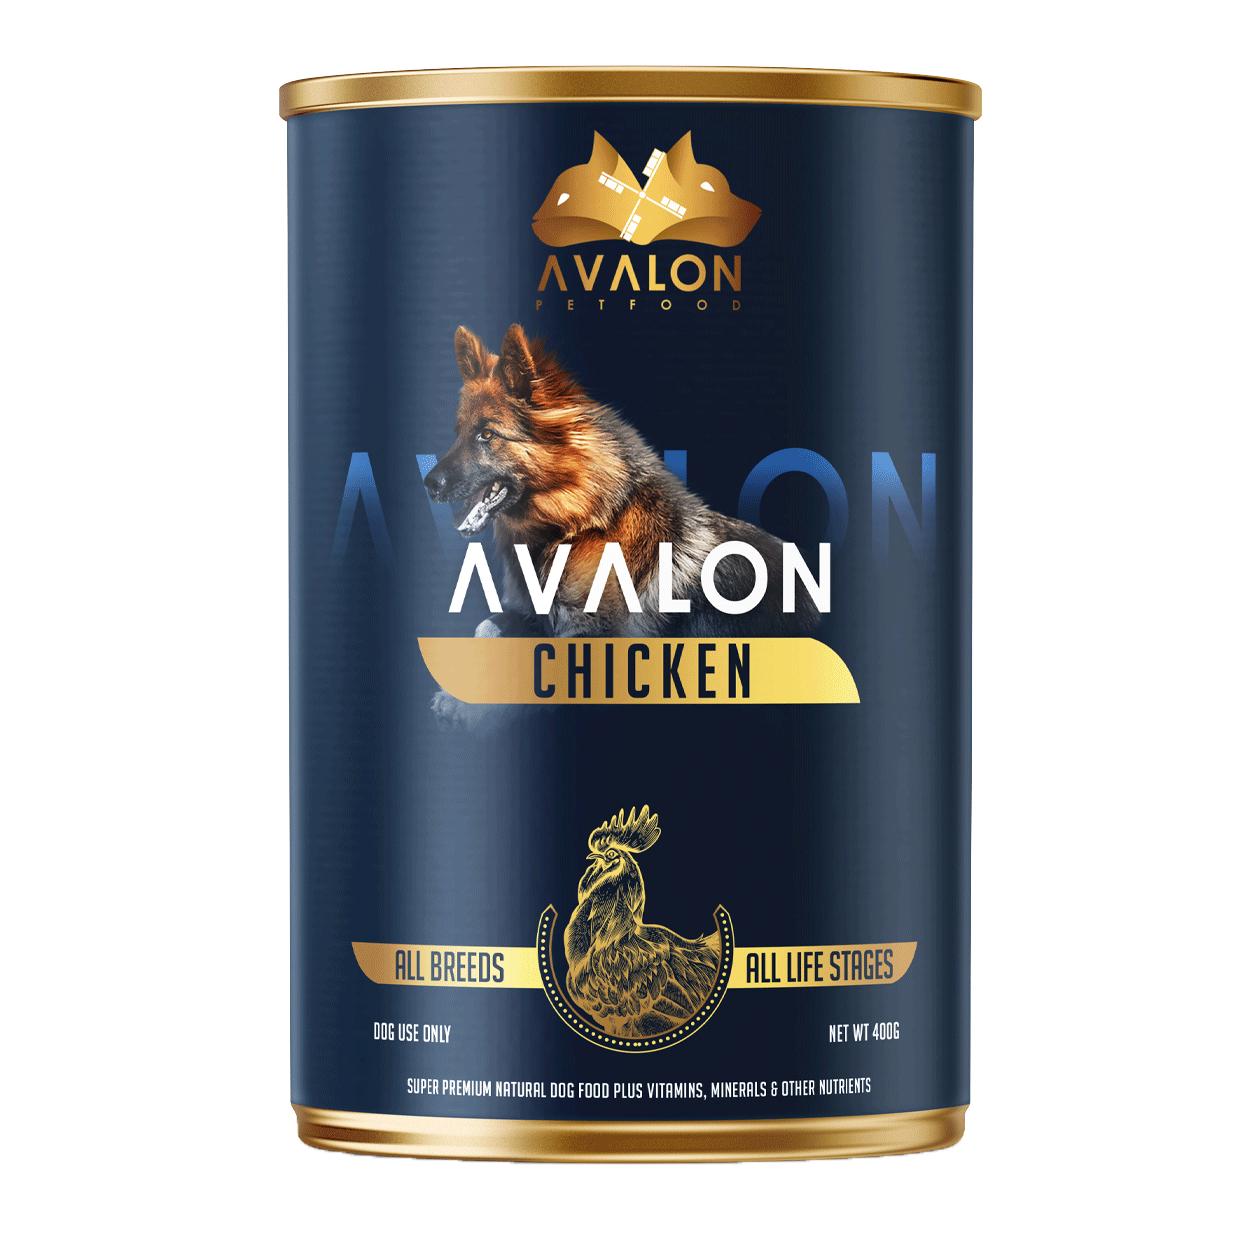 Avalon-Chicken